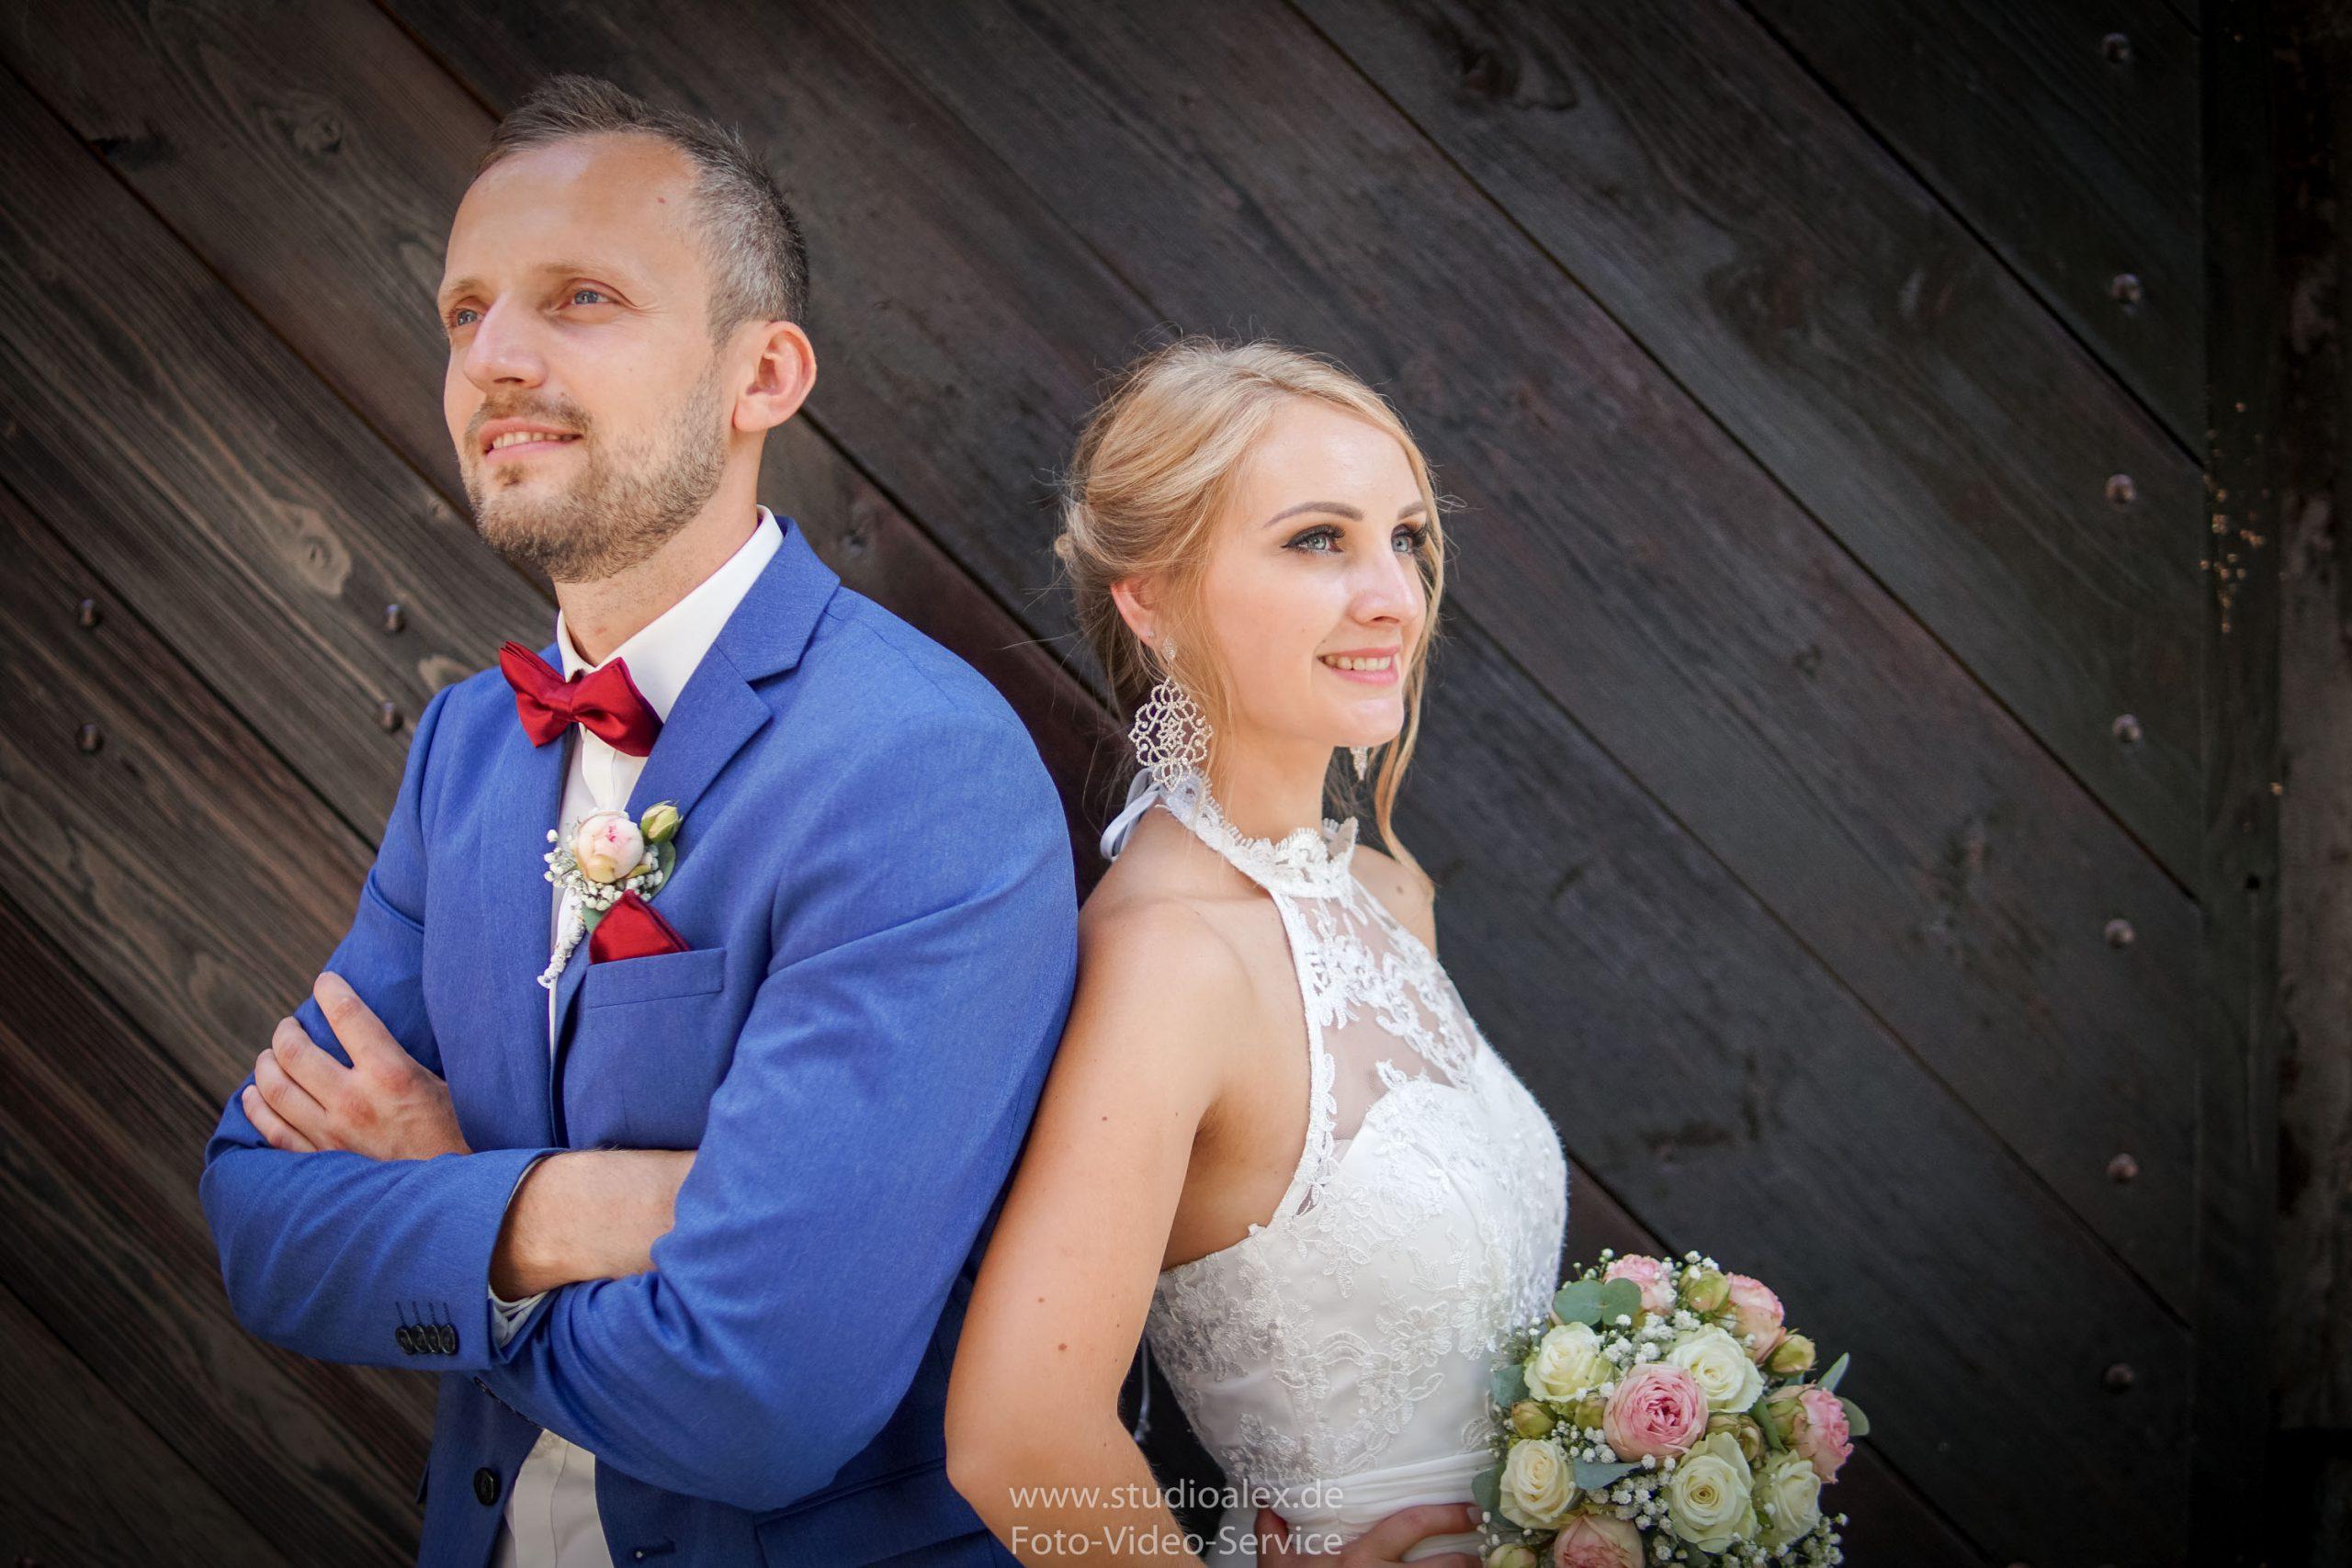 Hochzeitsfotograf-Amberg-Fotograf-für-standesamtliche-Trauung-im-Kümmersbruck.-Hochzeitsfotos-Bayern-07541-scaled.jpg